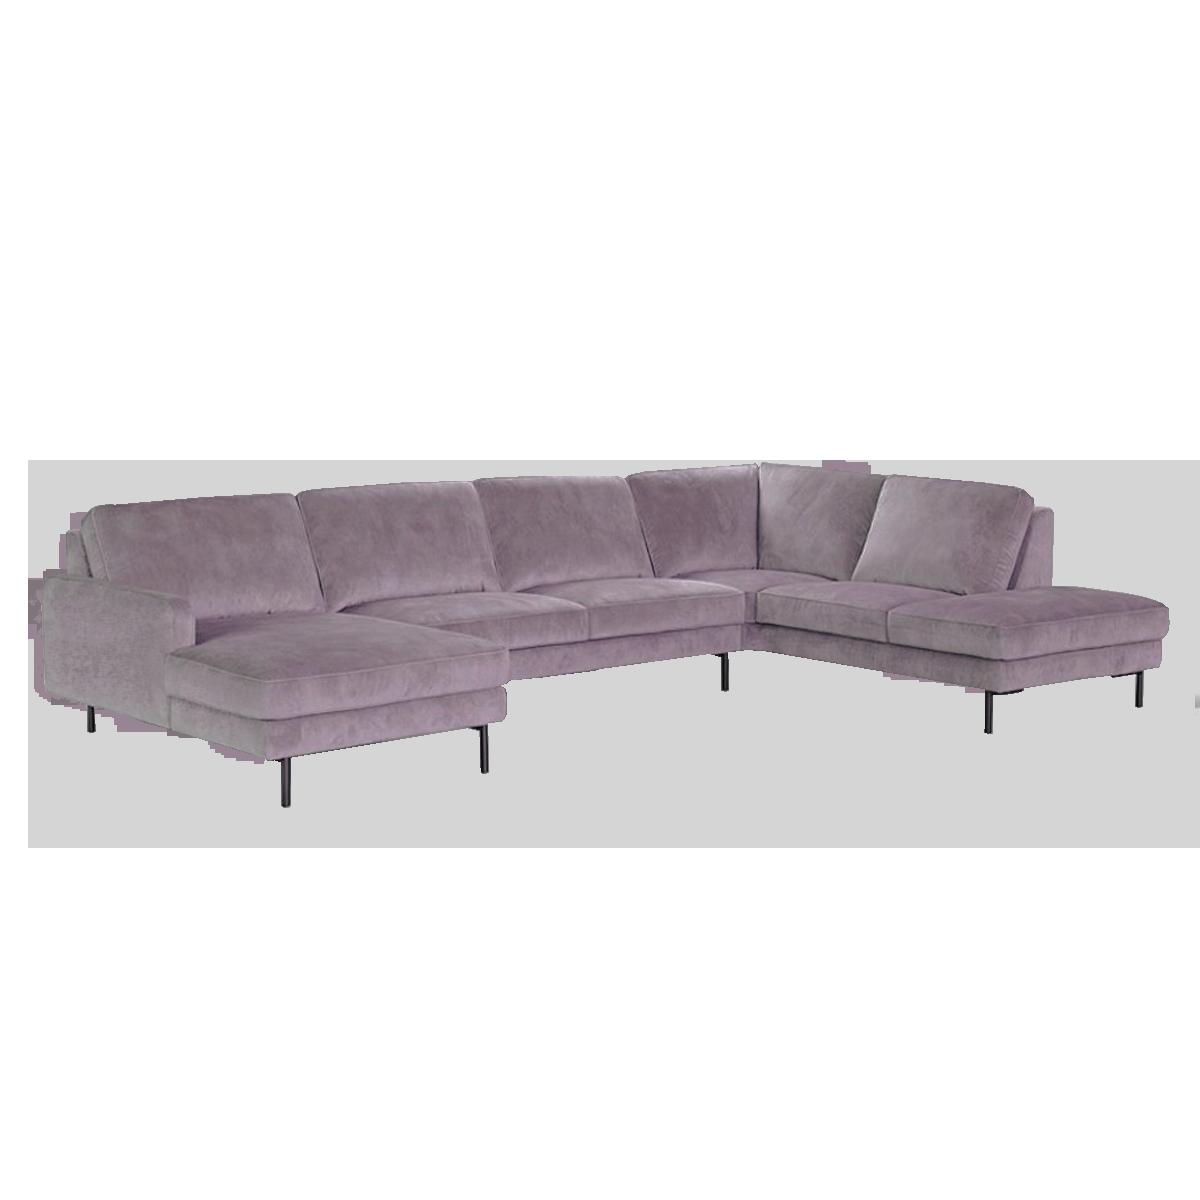 Full Size of Sofa Mit Elektrisch Verstellbarer Sitztiefe Big Ecksofa Vera Longchair Bezug Kiss Purple Couch Skandi Chic Bett 200x200 Bettkasten Muuto Kolonialstil Lounge Sofa Sofa Mit Verstellbarer Sitztiefe